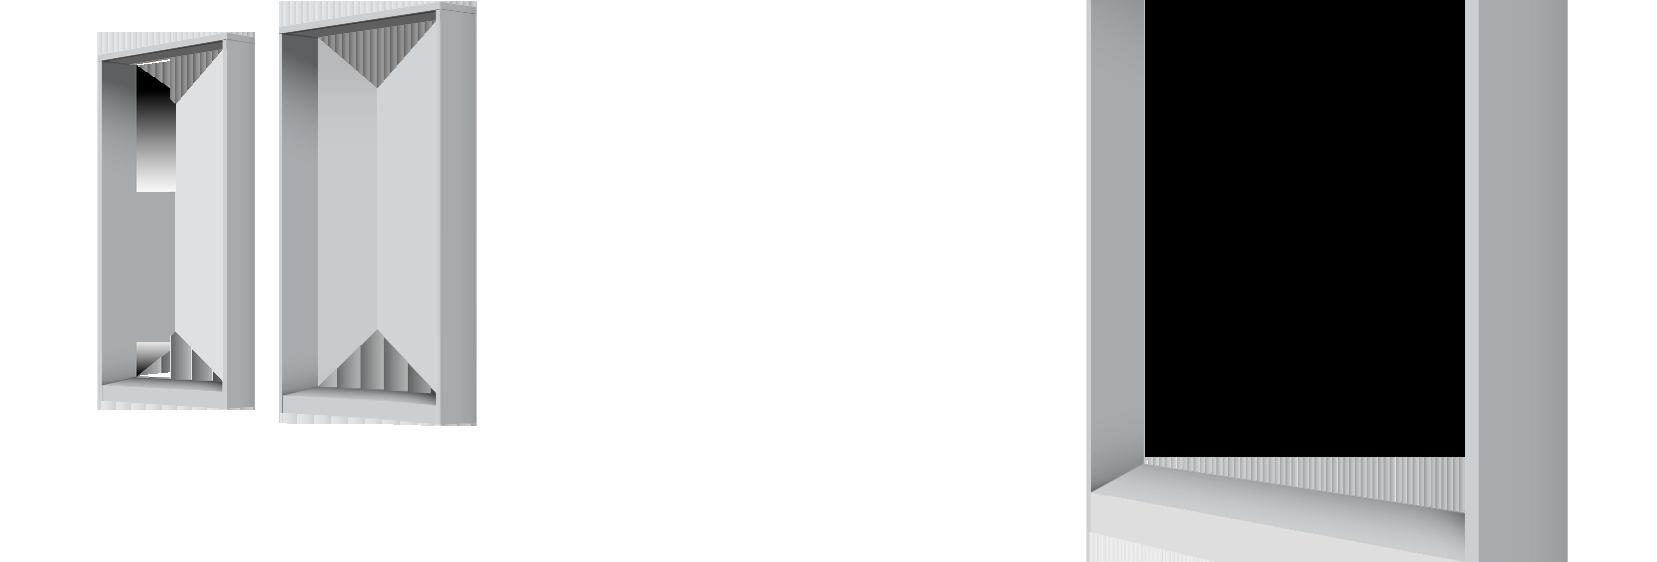 Holonite Laibungen <br>Aussenfensterbank, Laibungen und Sturzverkleidung